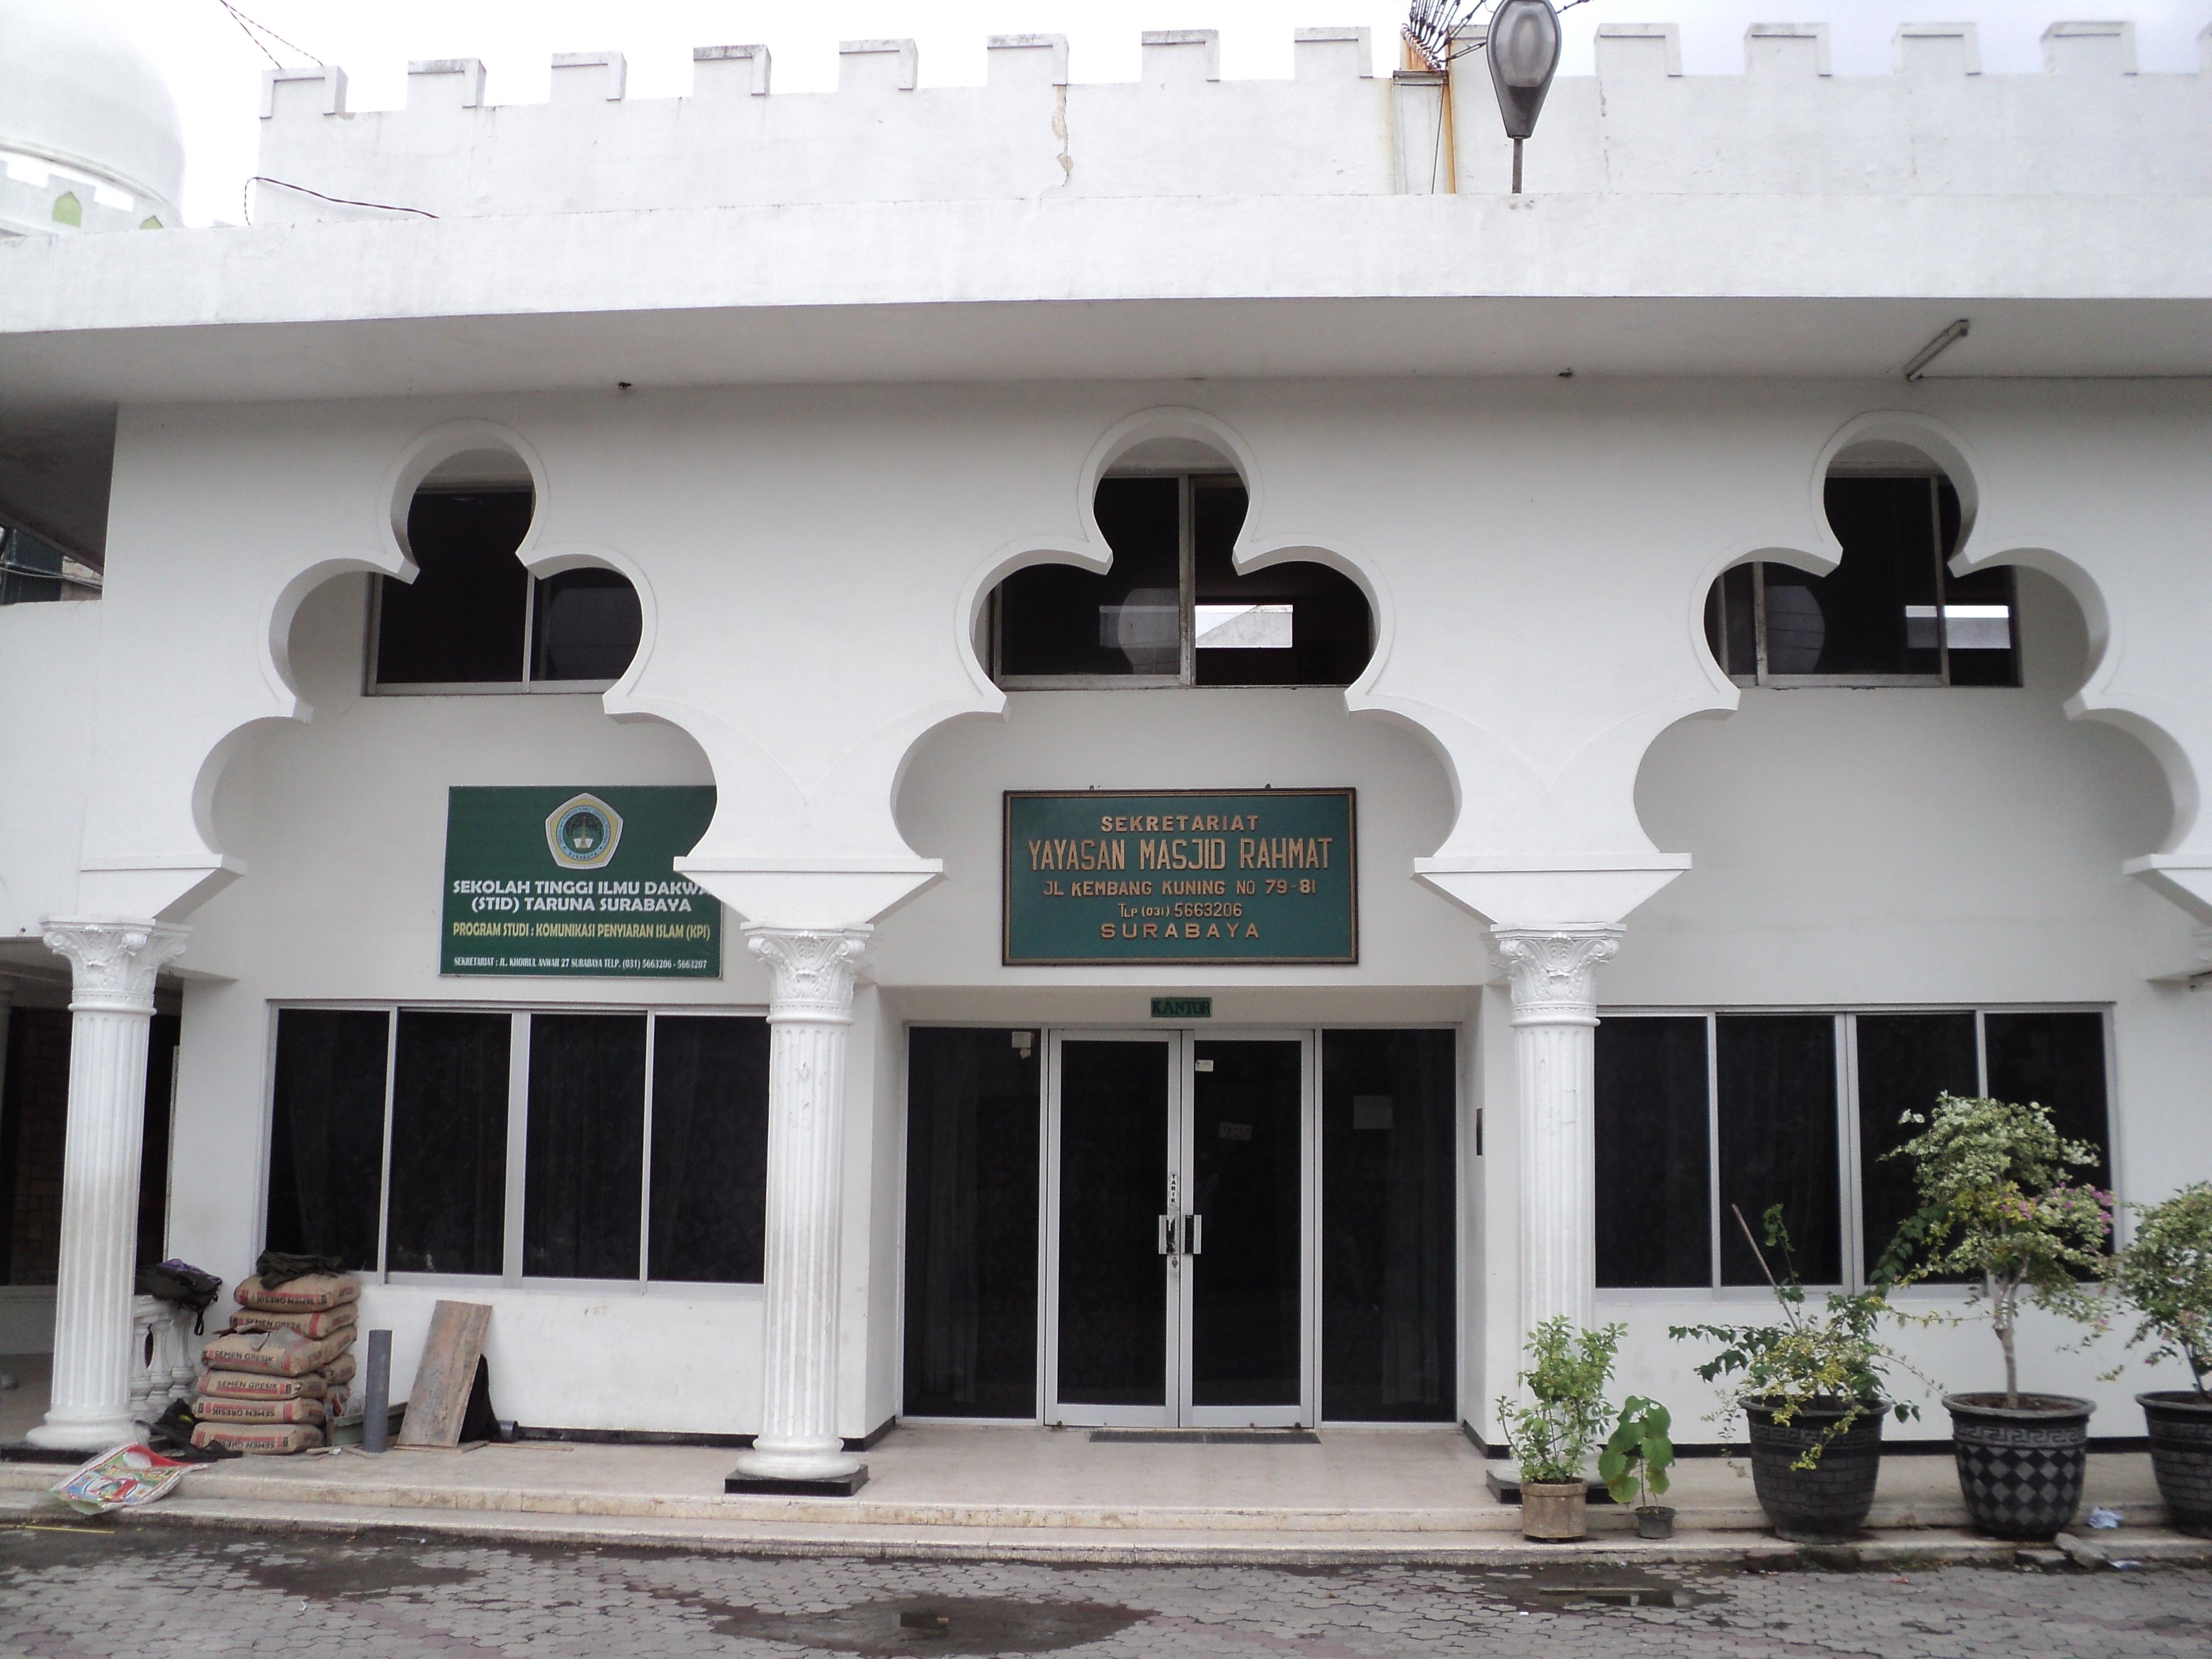 Menilik Sejarah Masjid Tertua Kota Pahlawan Rahmat Setelah Berdiri Bertahun